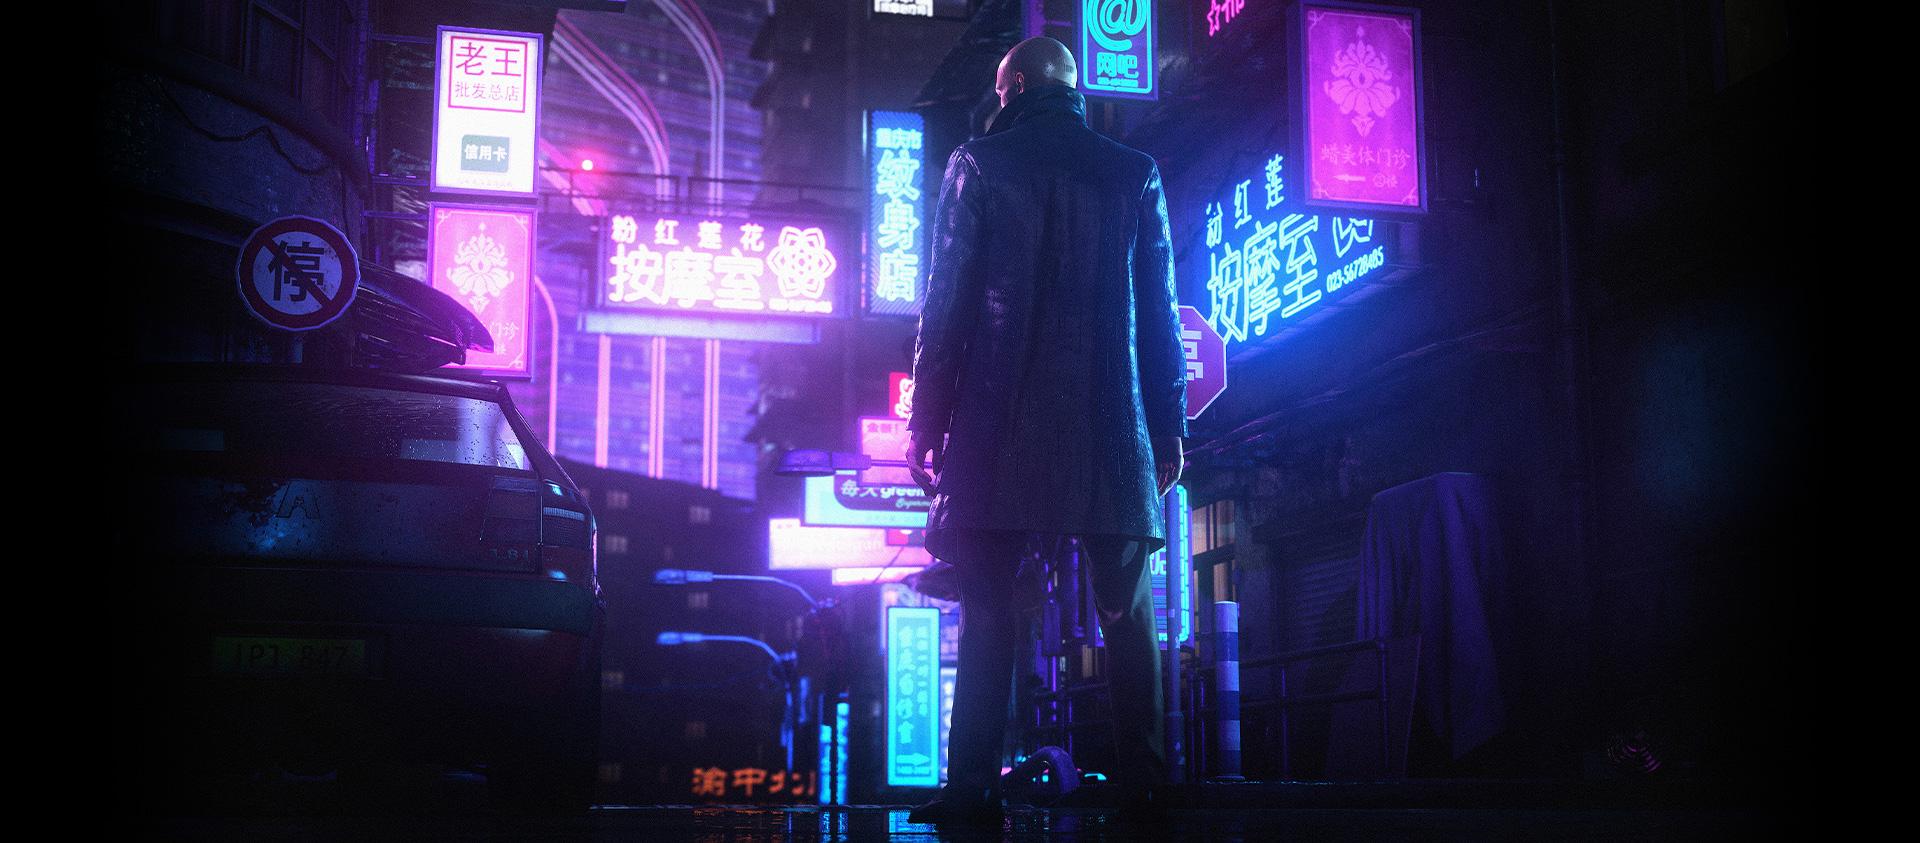 Personnage HITMAN3 regardant une rue remplie de lumières au néon